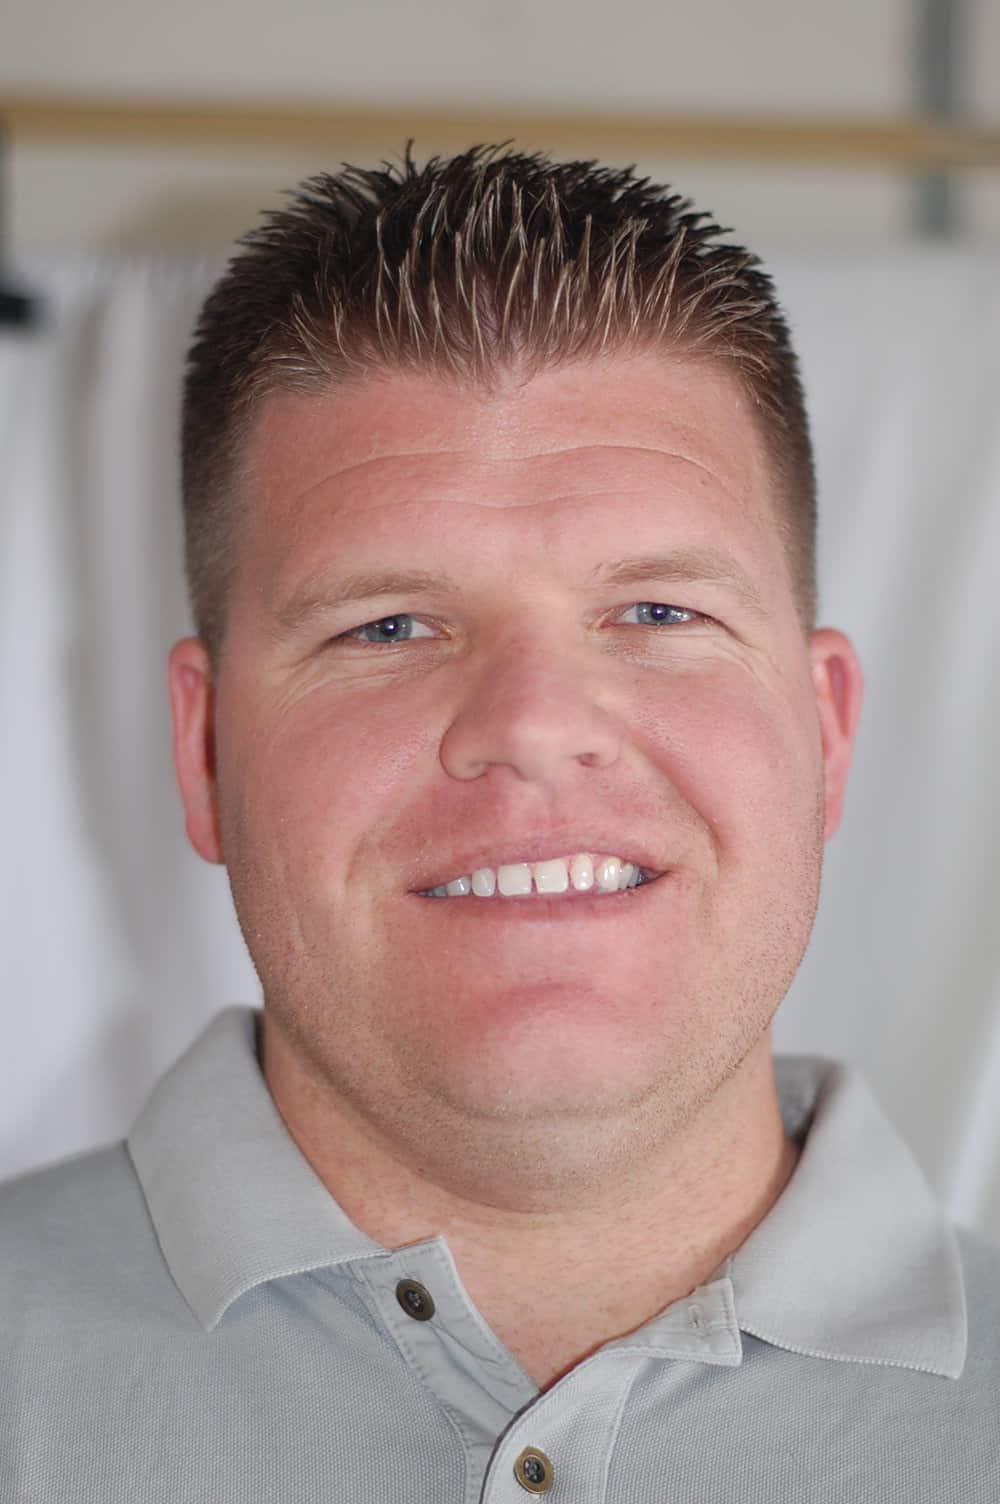 Meet a Farmer: Ryan Van Groningen of Van Groningen & Sons